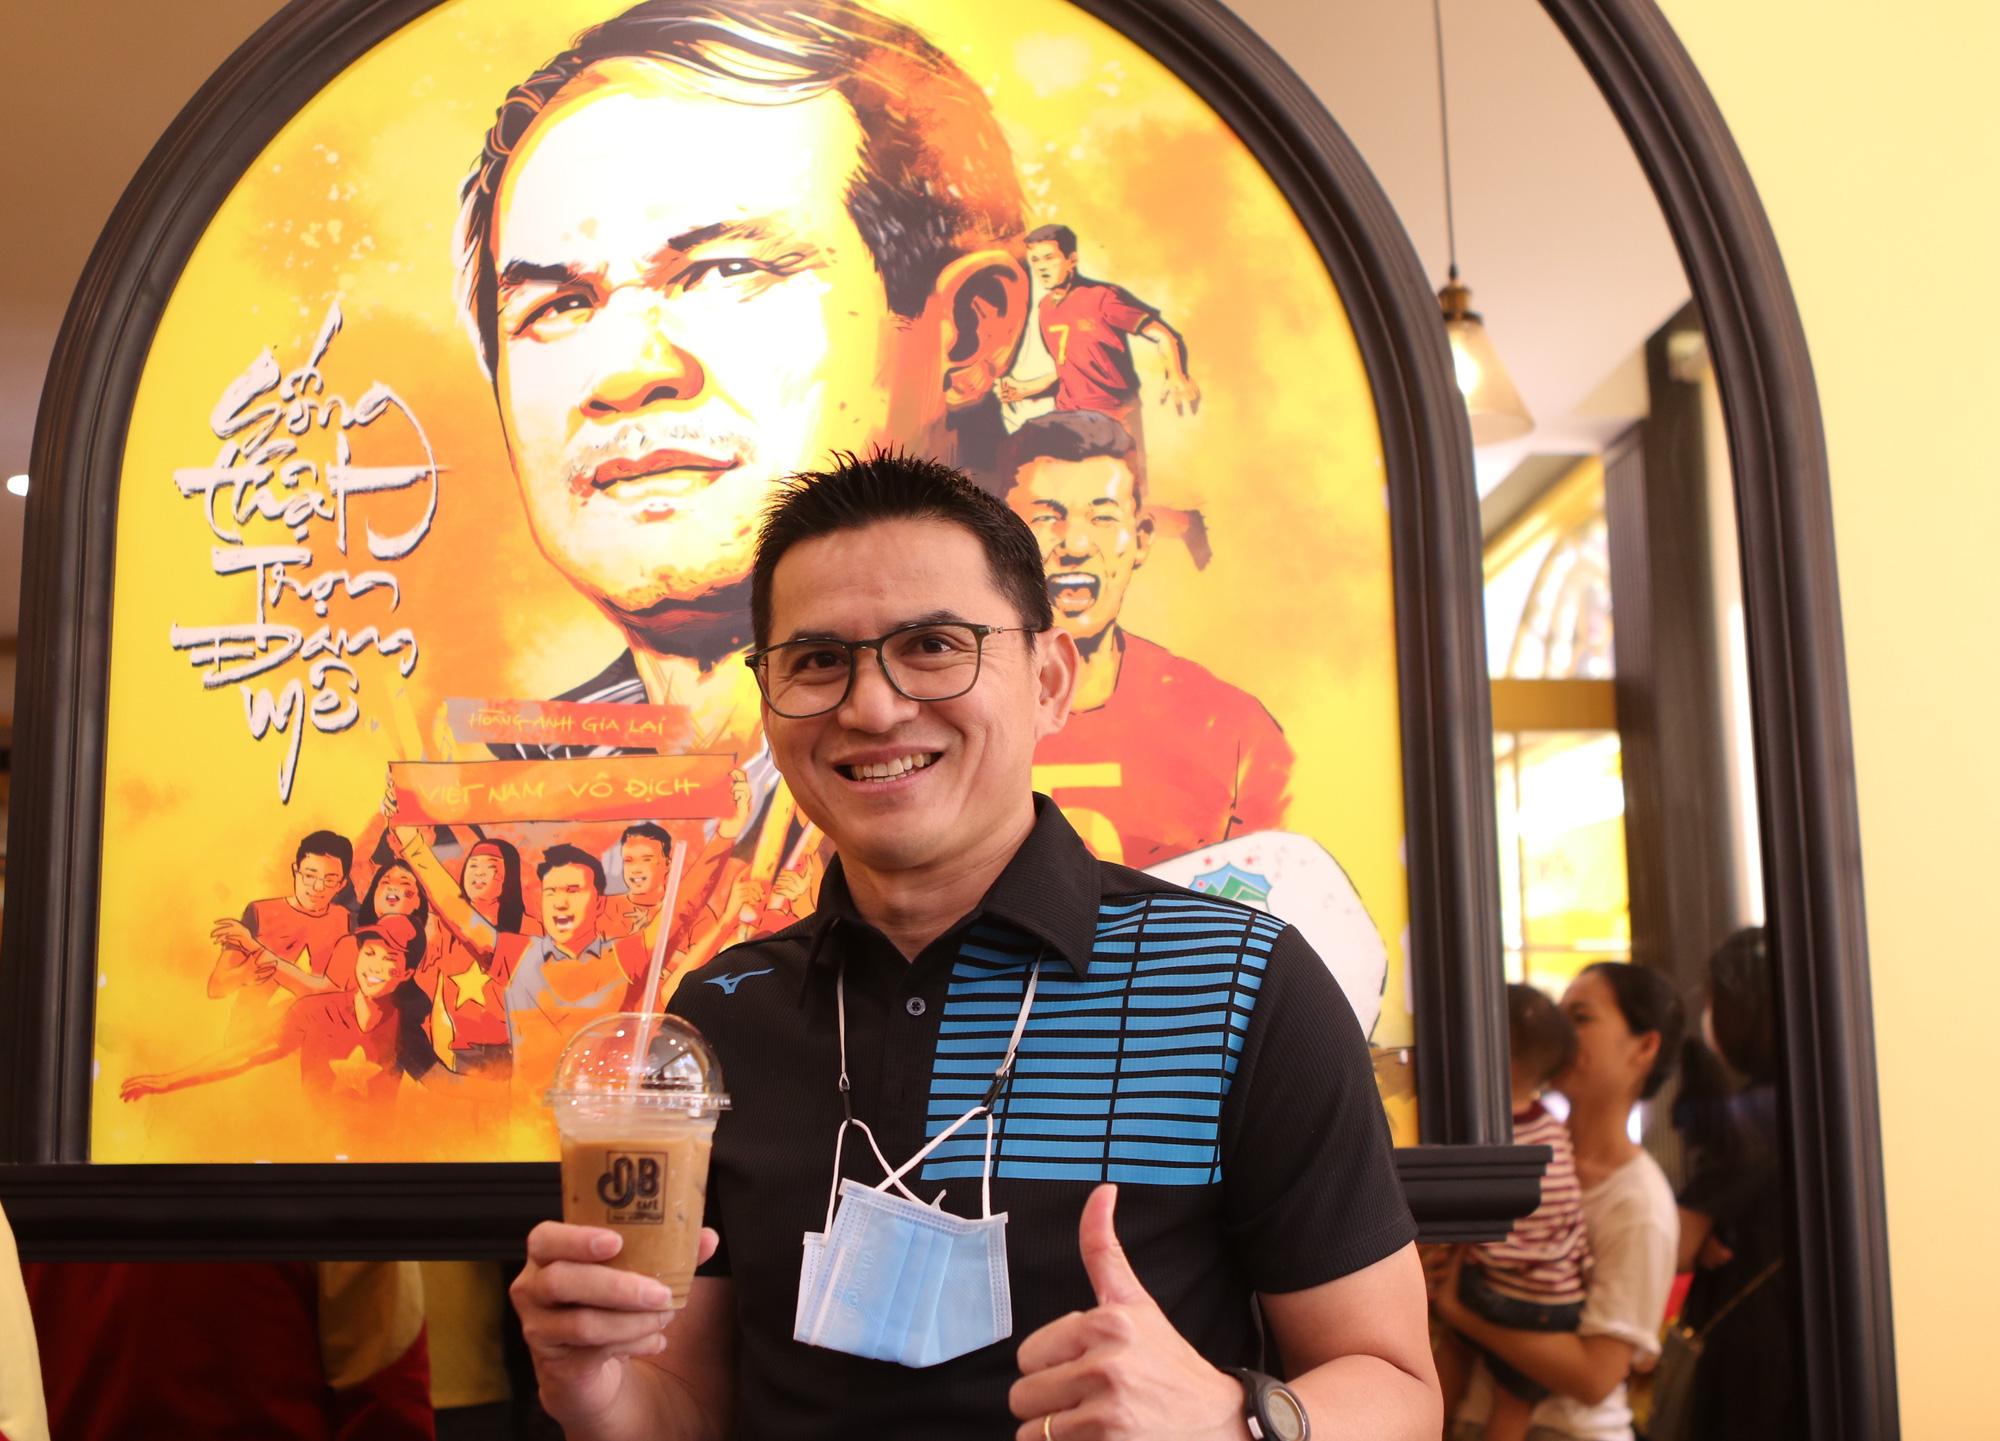 Zico Thái ngẫu hứng đàn hát bên ly cà phê của Bầu Đức - Ảnh 1.